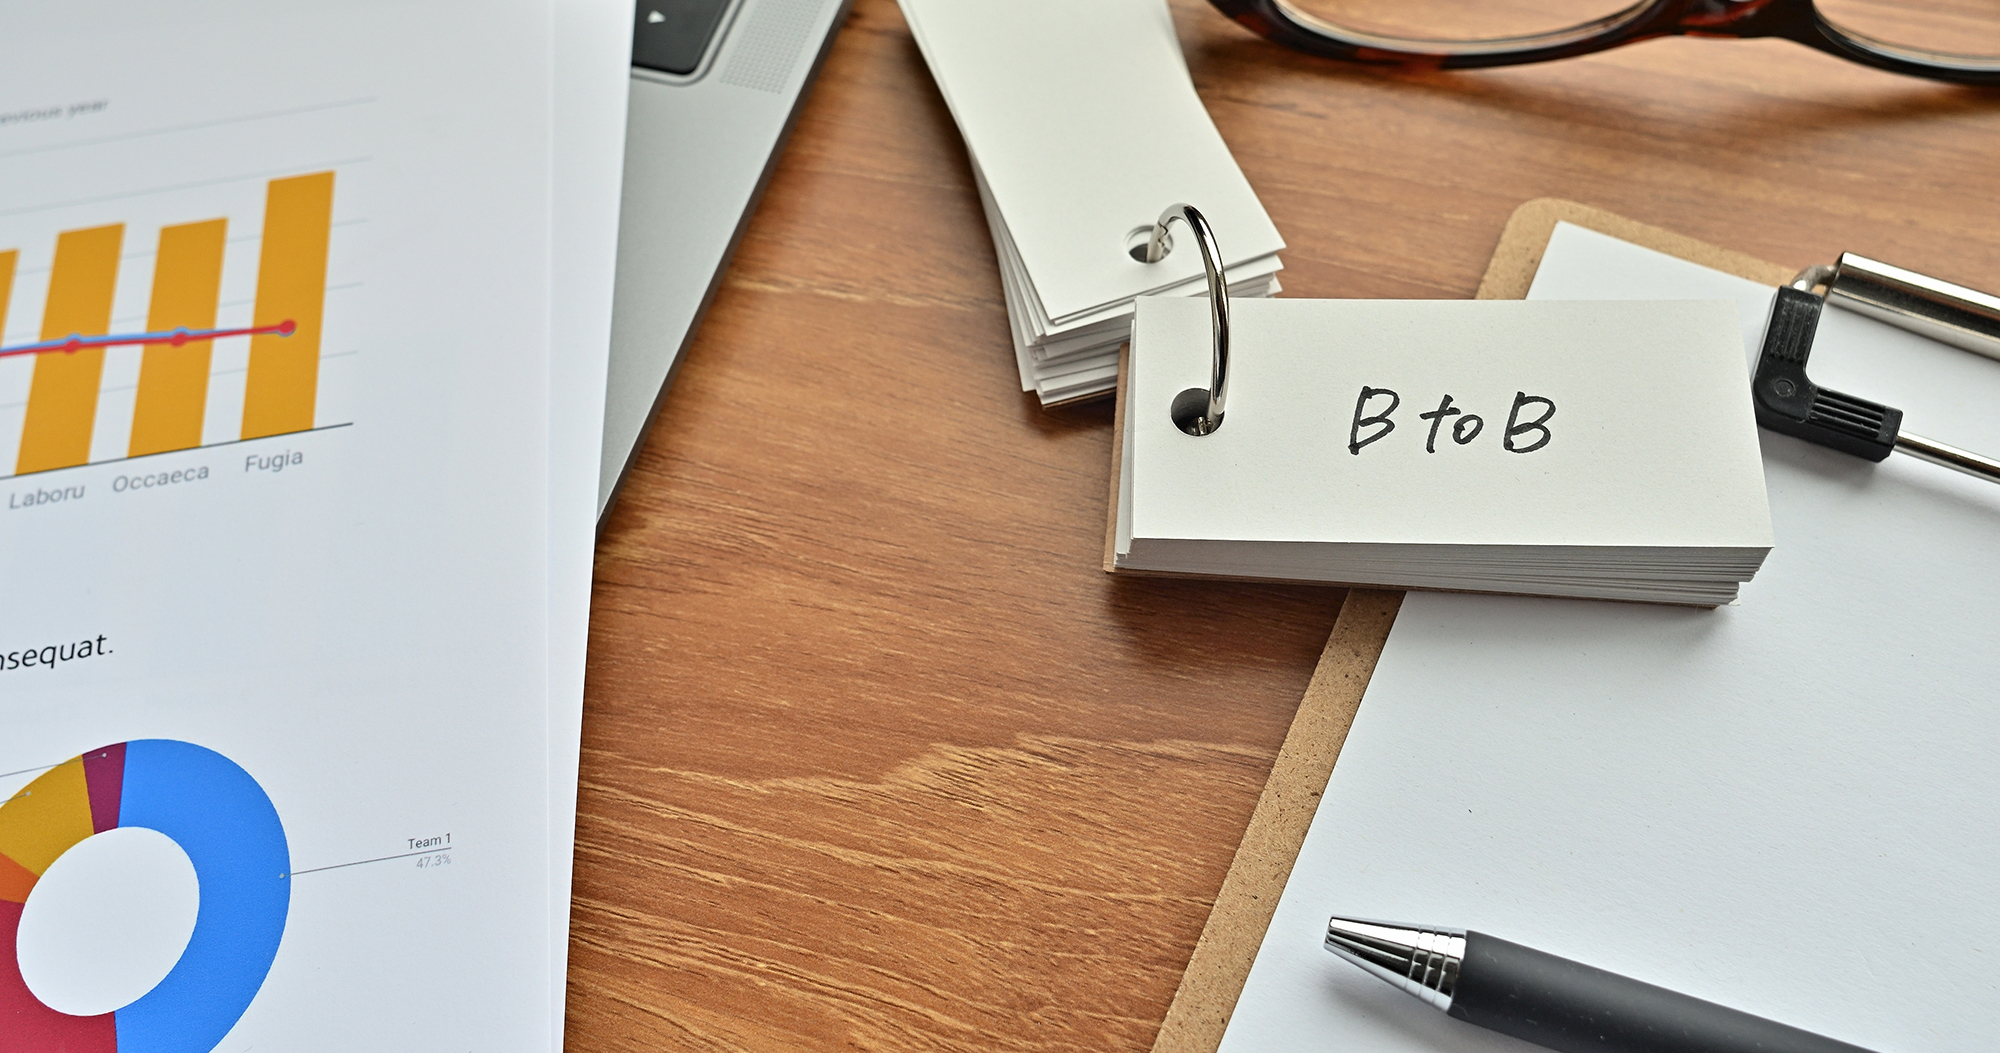 【#成功のバトン】経費精算システム「楽楽精算」を提供するラクスは、 ユーザーインサイトを知ることでカンファレンスを成功させている